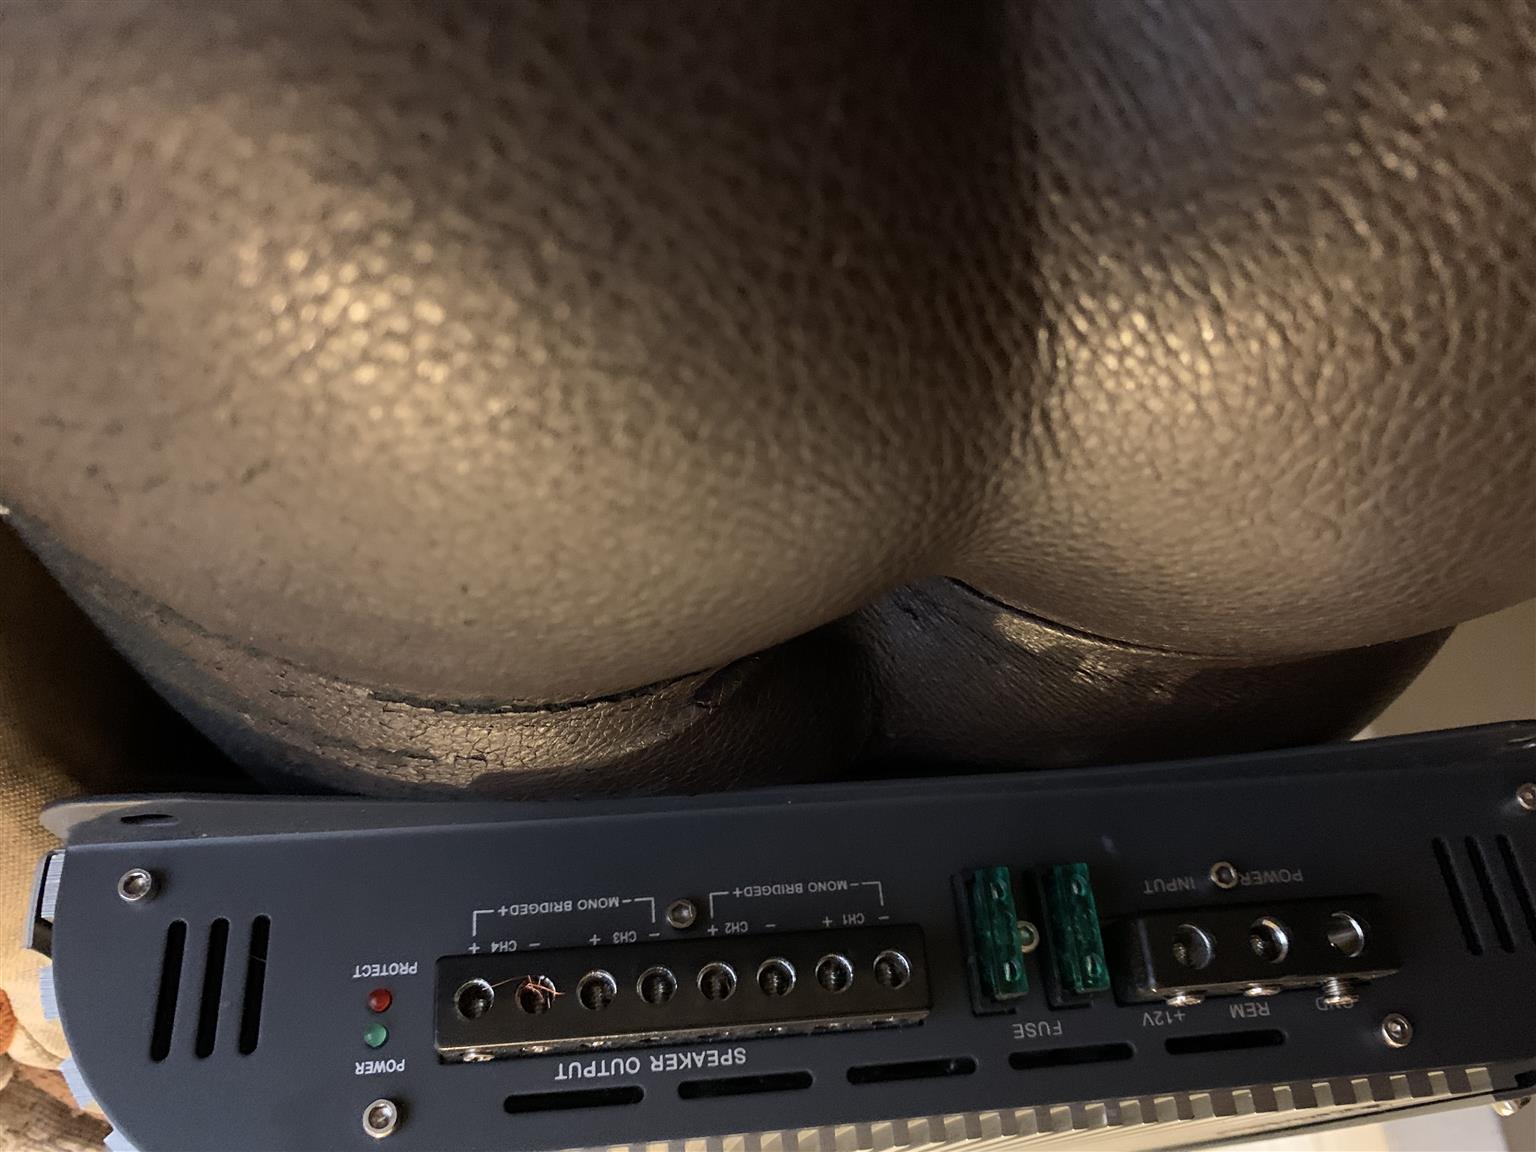 6000watt 4ch powerbass amp